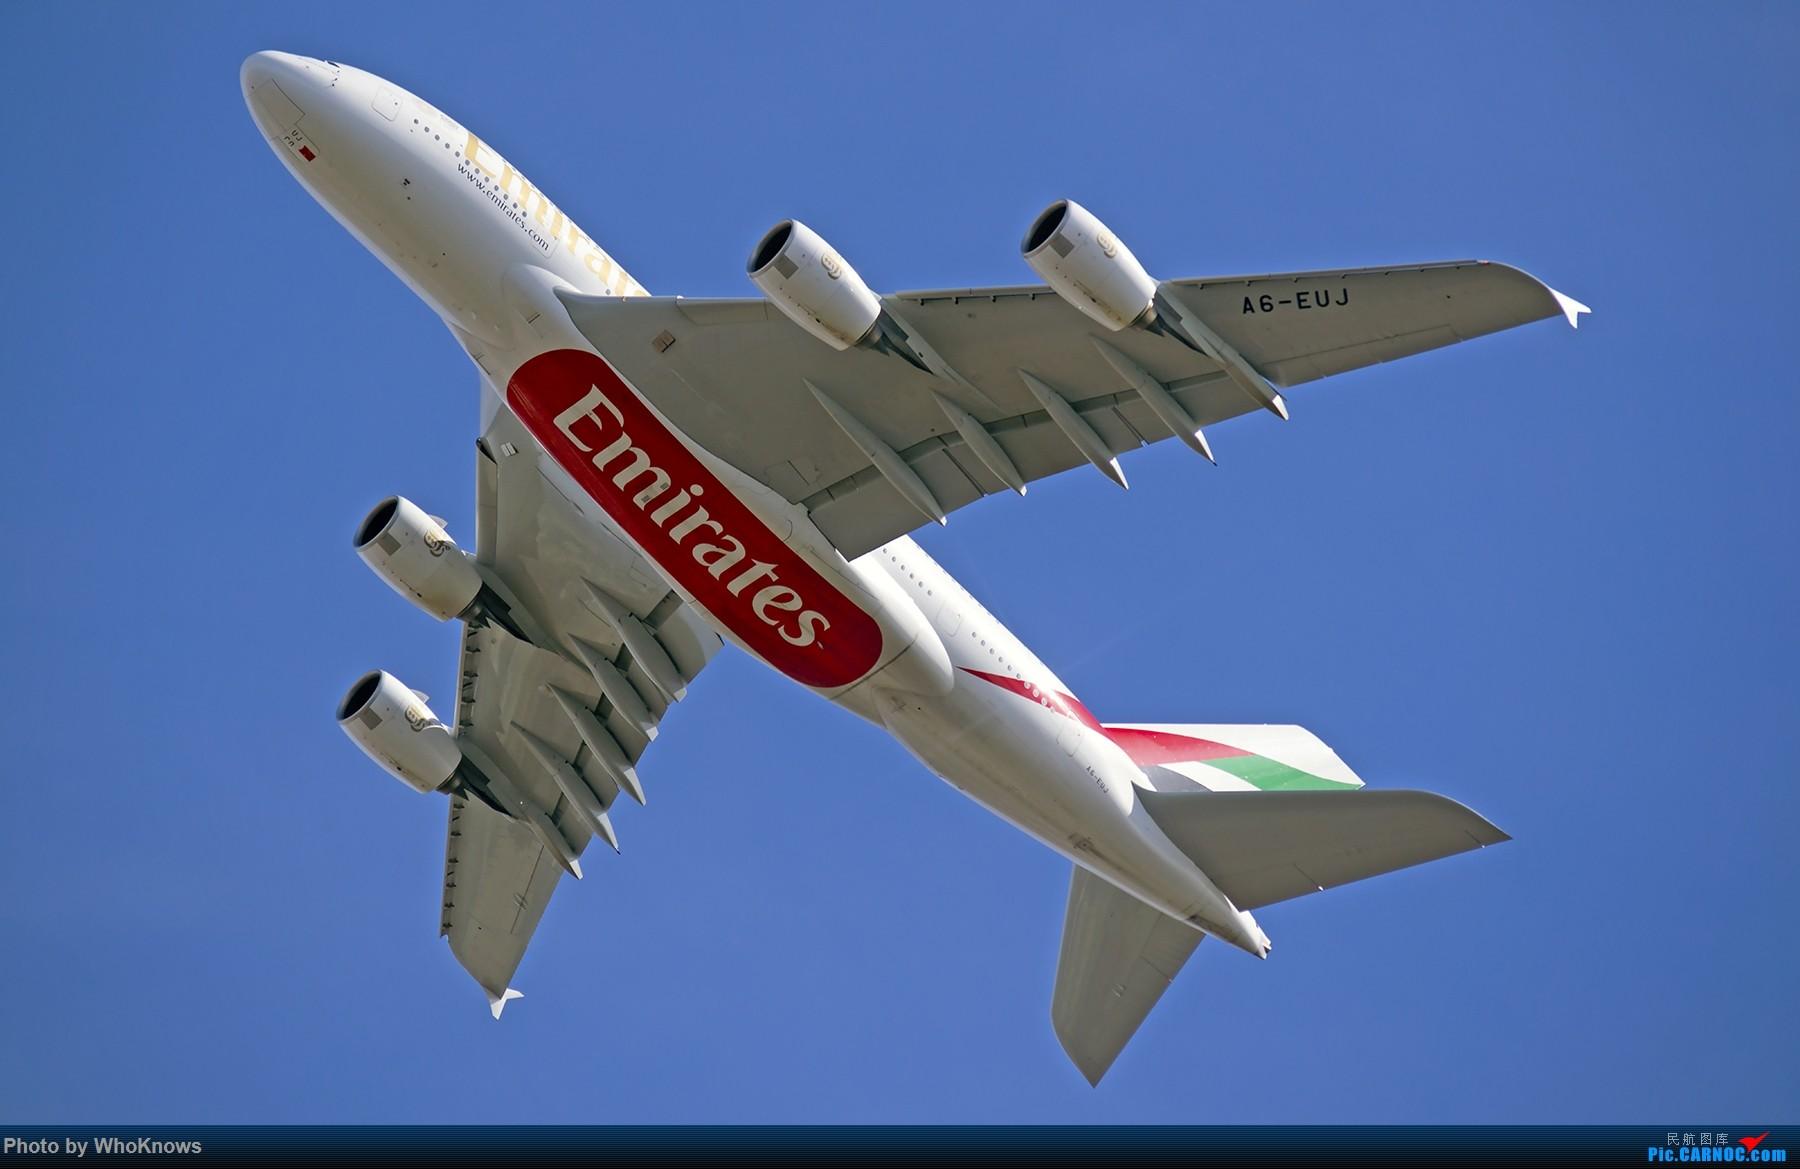 Re:[原创]JFK雪过天晴 AIRBUS A380-800 A6-EUJ 美国纽约约翰·菲茨杰拉德·肯尼迪国际机场